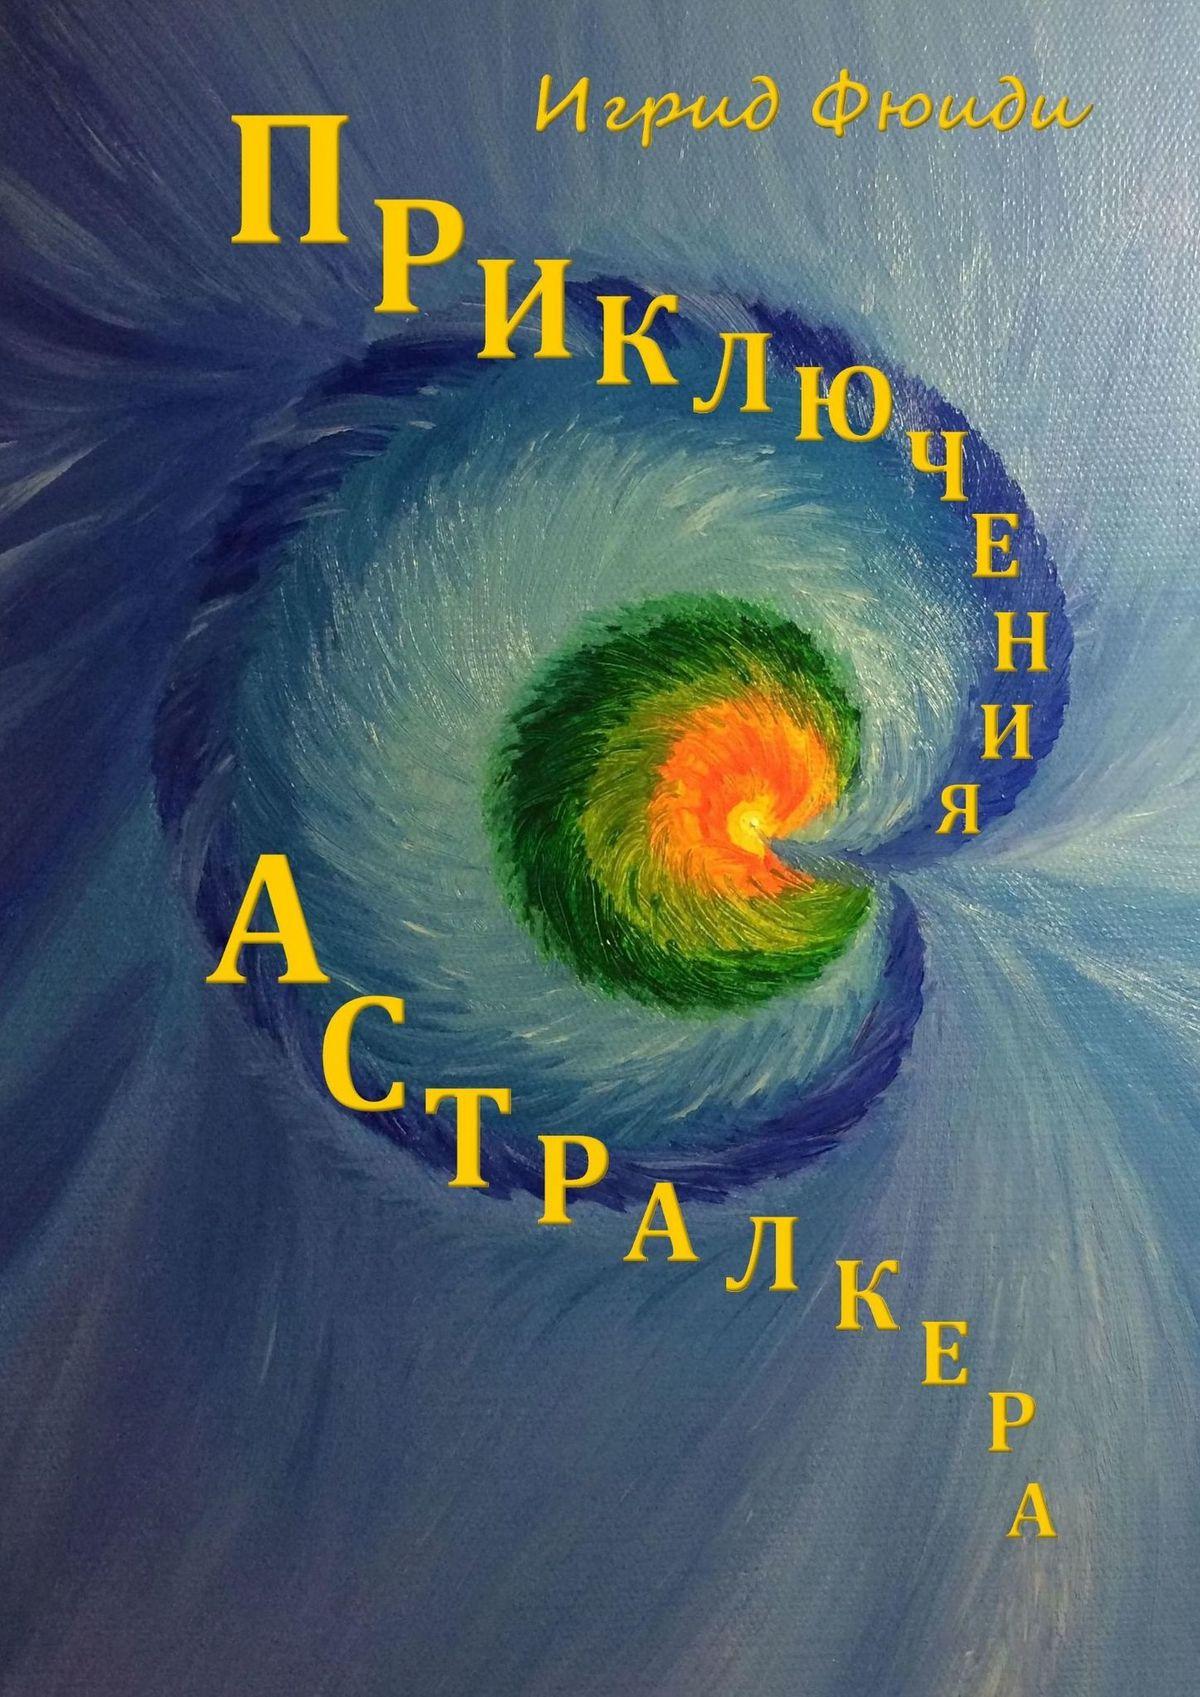 Обложка «Приключения Астралкера»